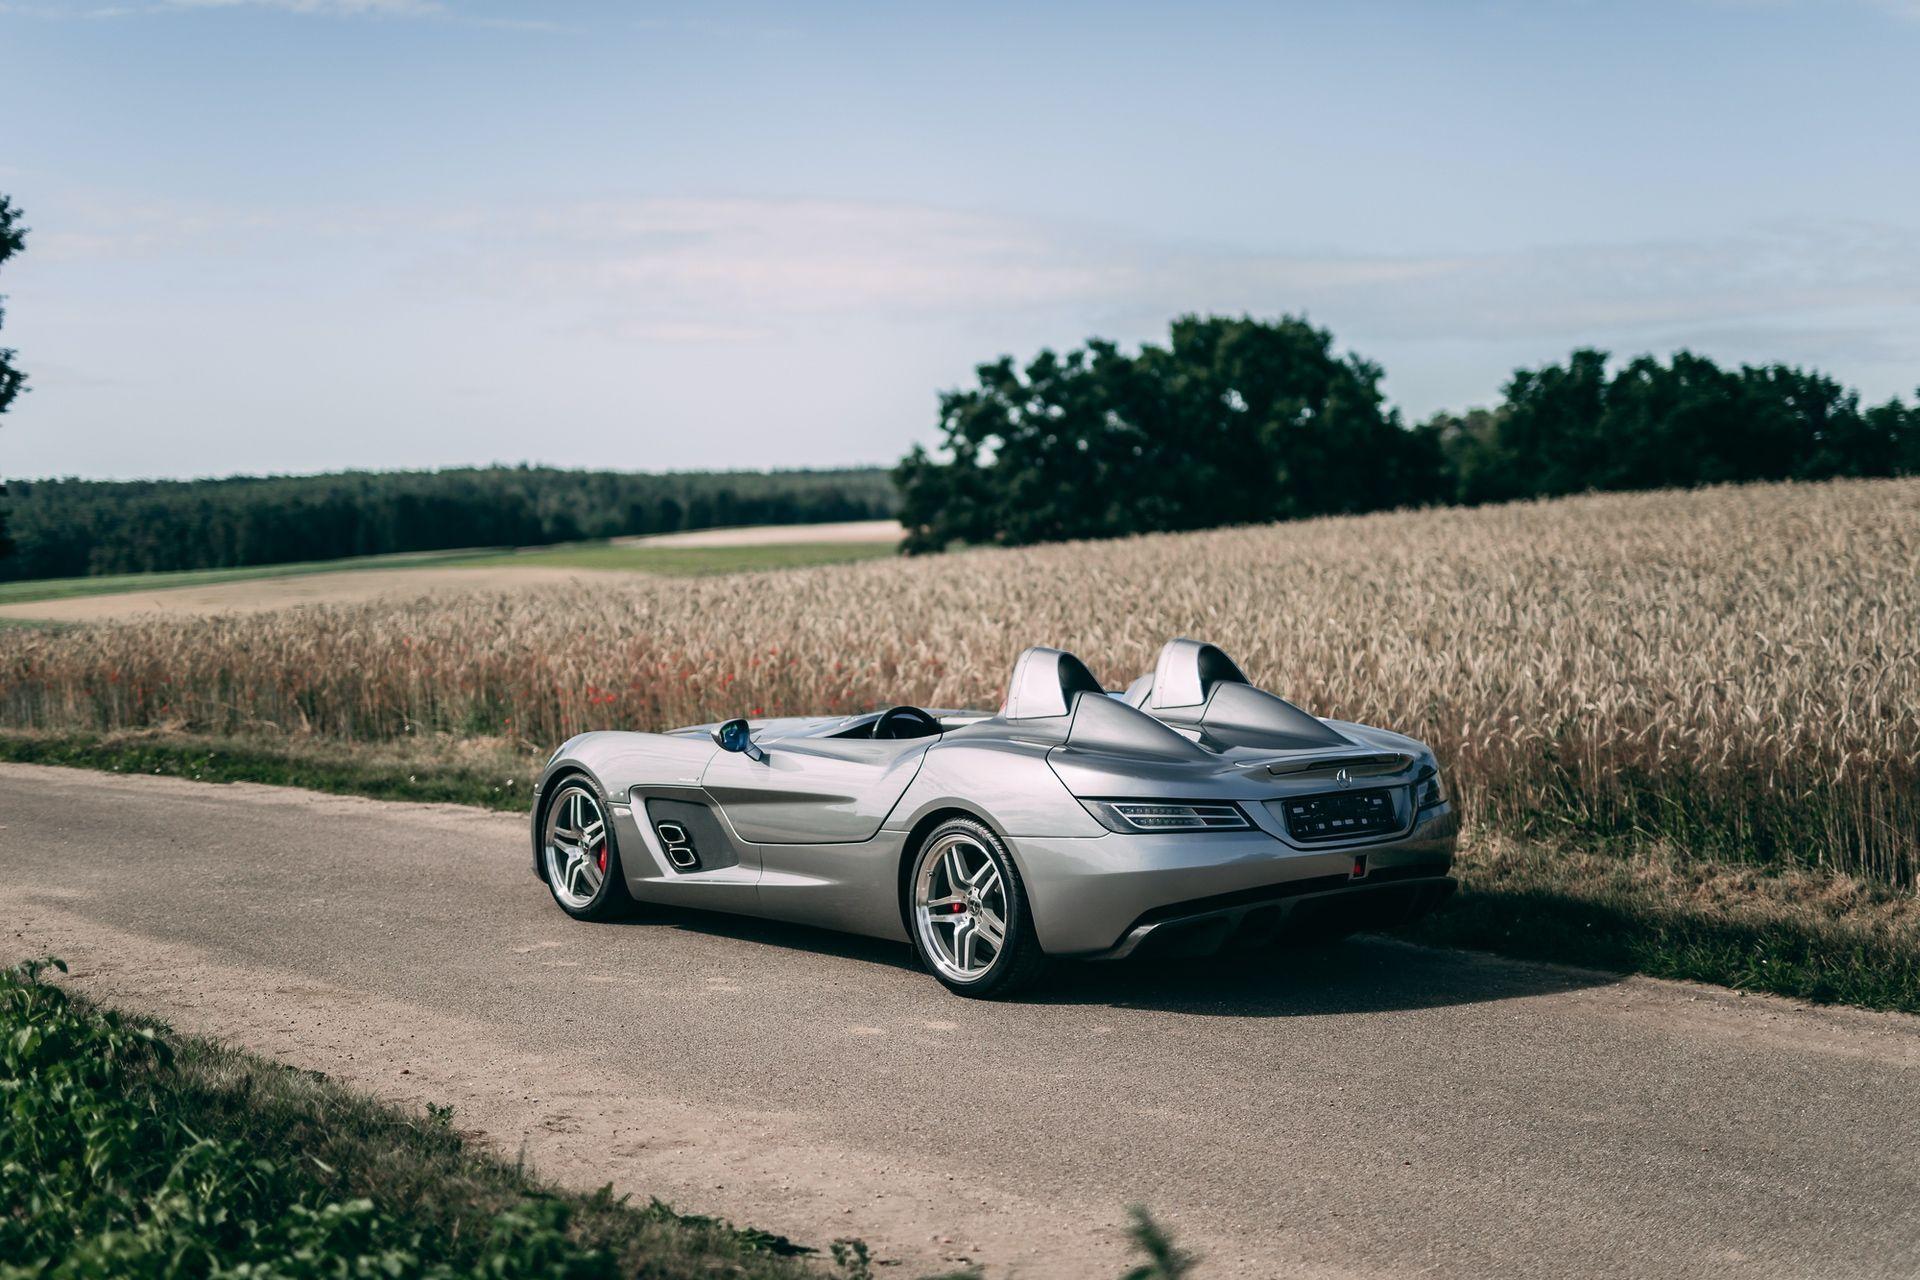 2009-Mercedes-Benz-SLR-McLaren-Stirling-Moss-_29